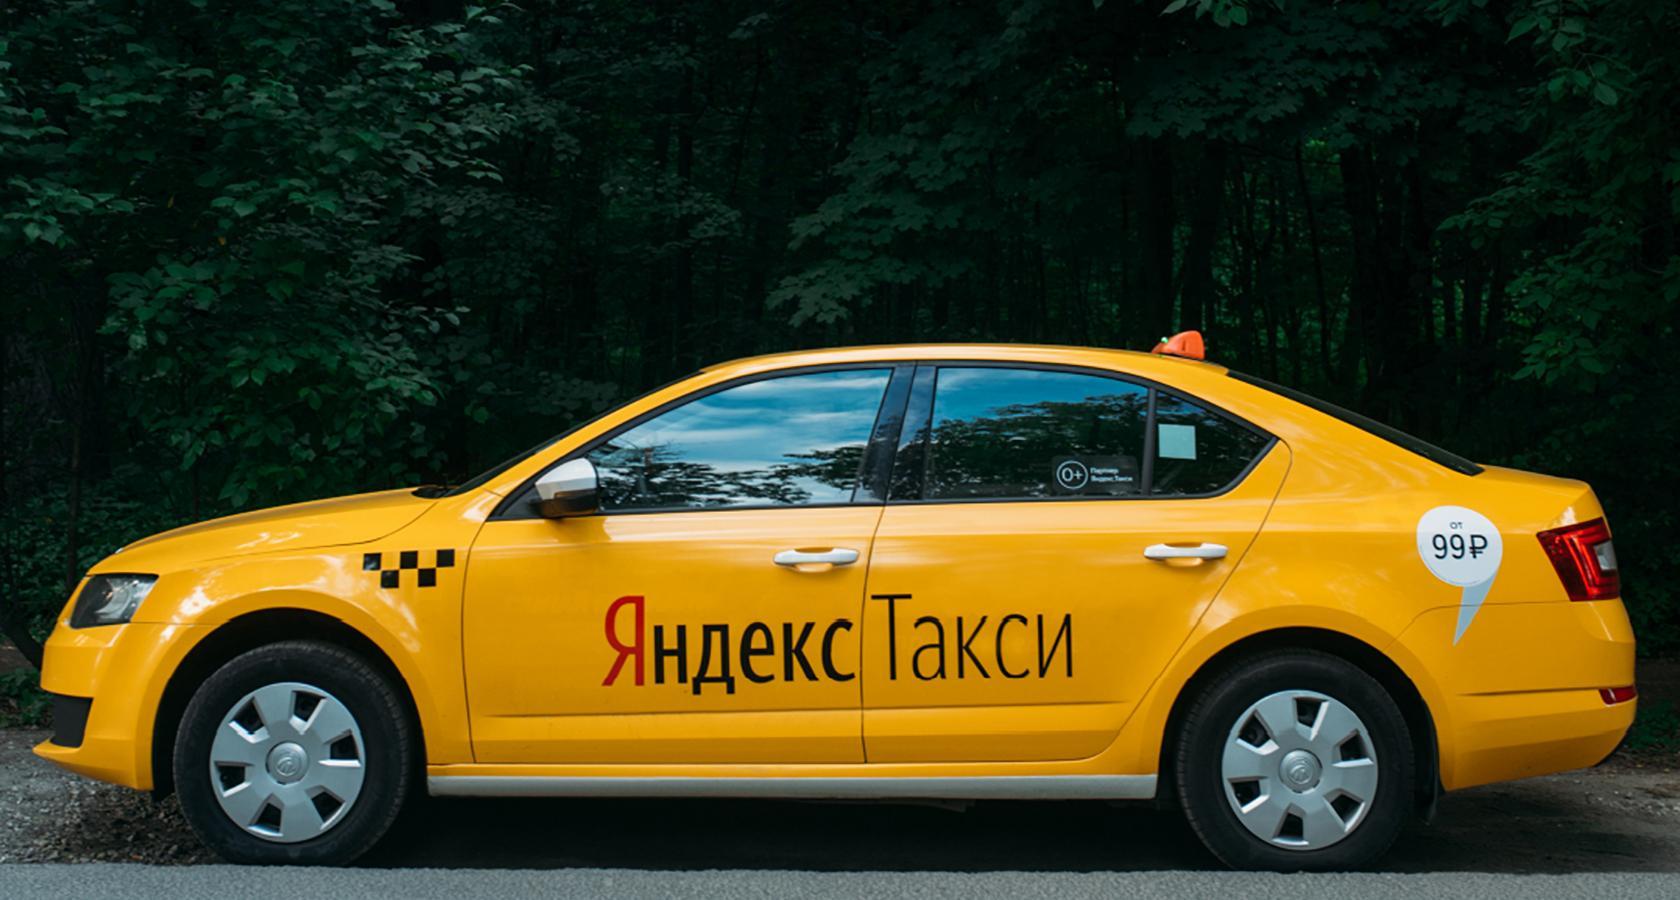 Как стать партнером Яндекс такси на своем авто